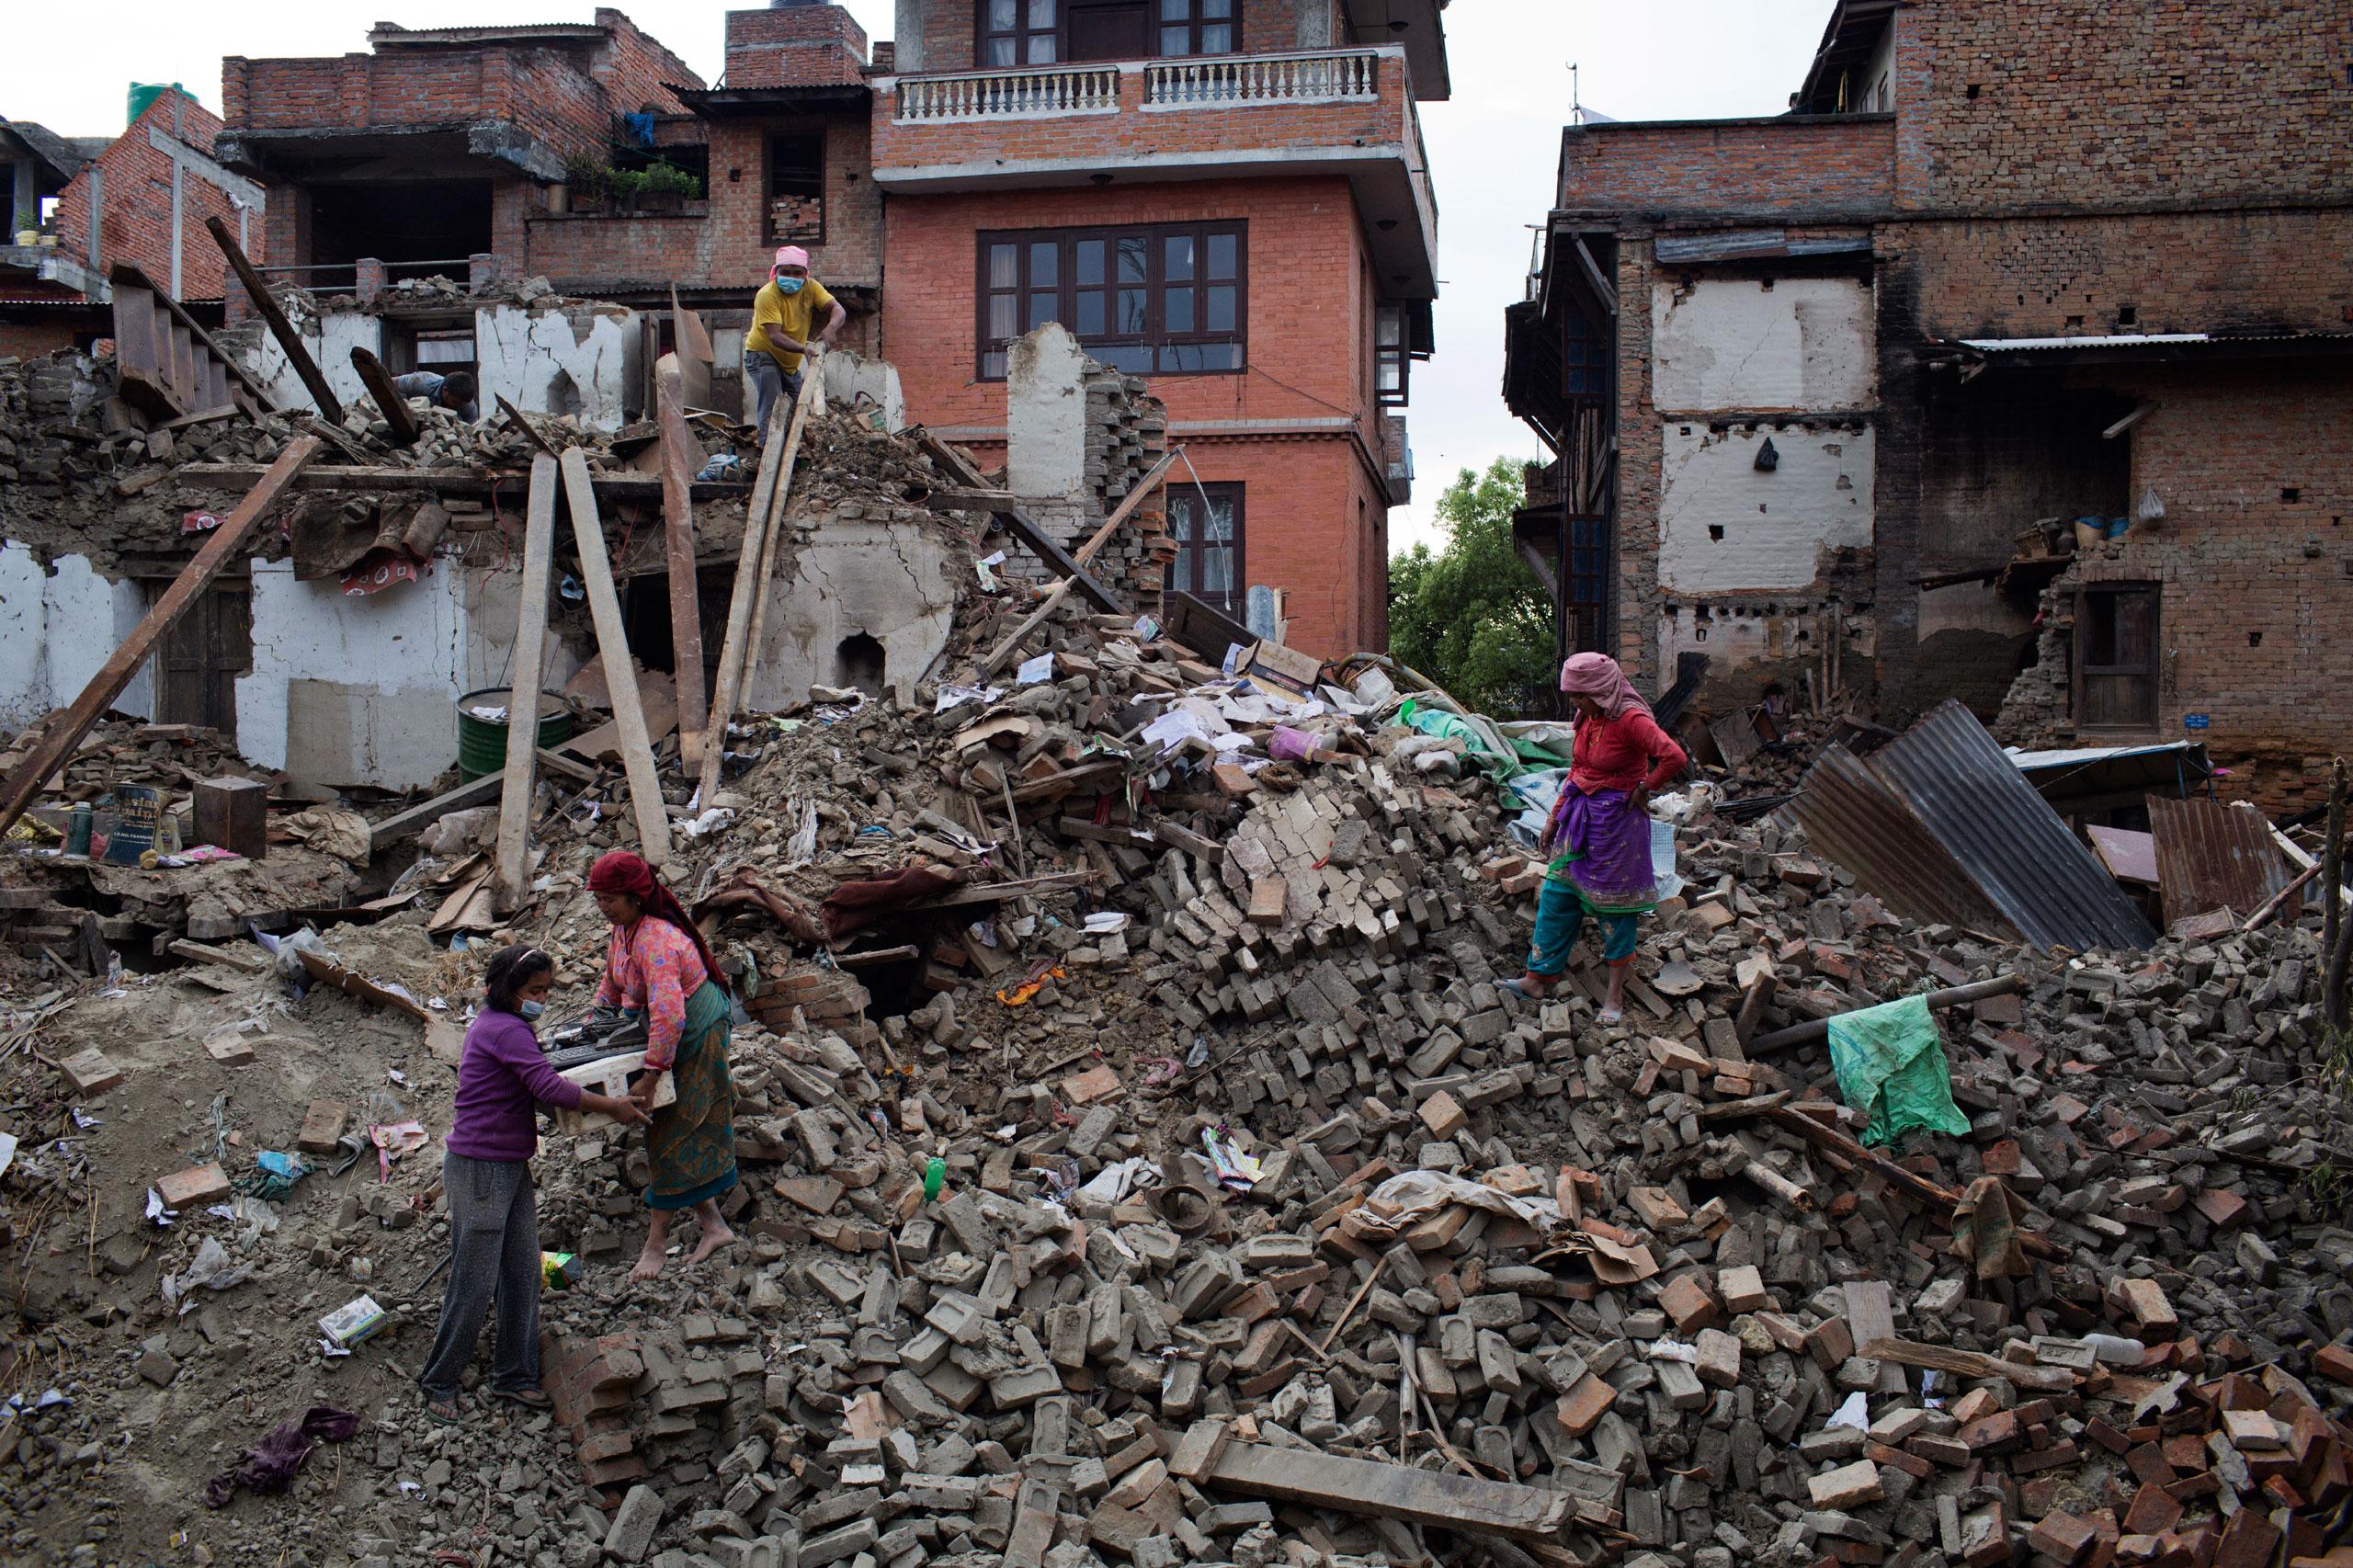 Nepalese people retrieve belongings from damaged homes in Bhaktapur, Kathmandu Valley, April 29, 2015.